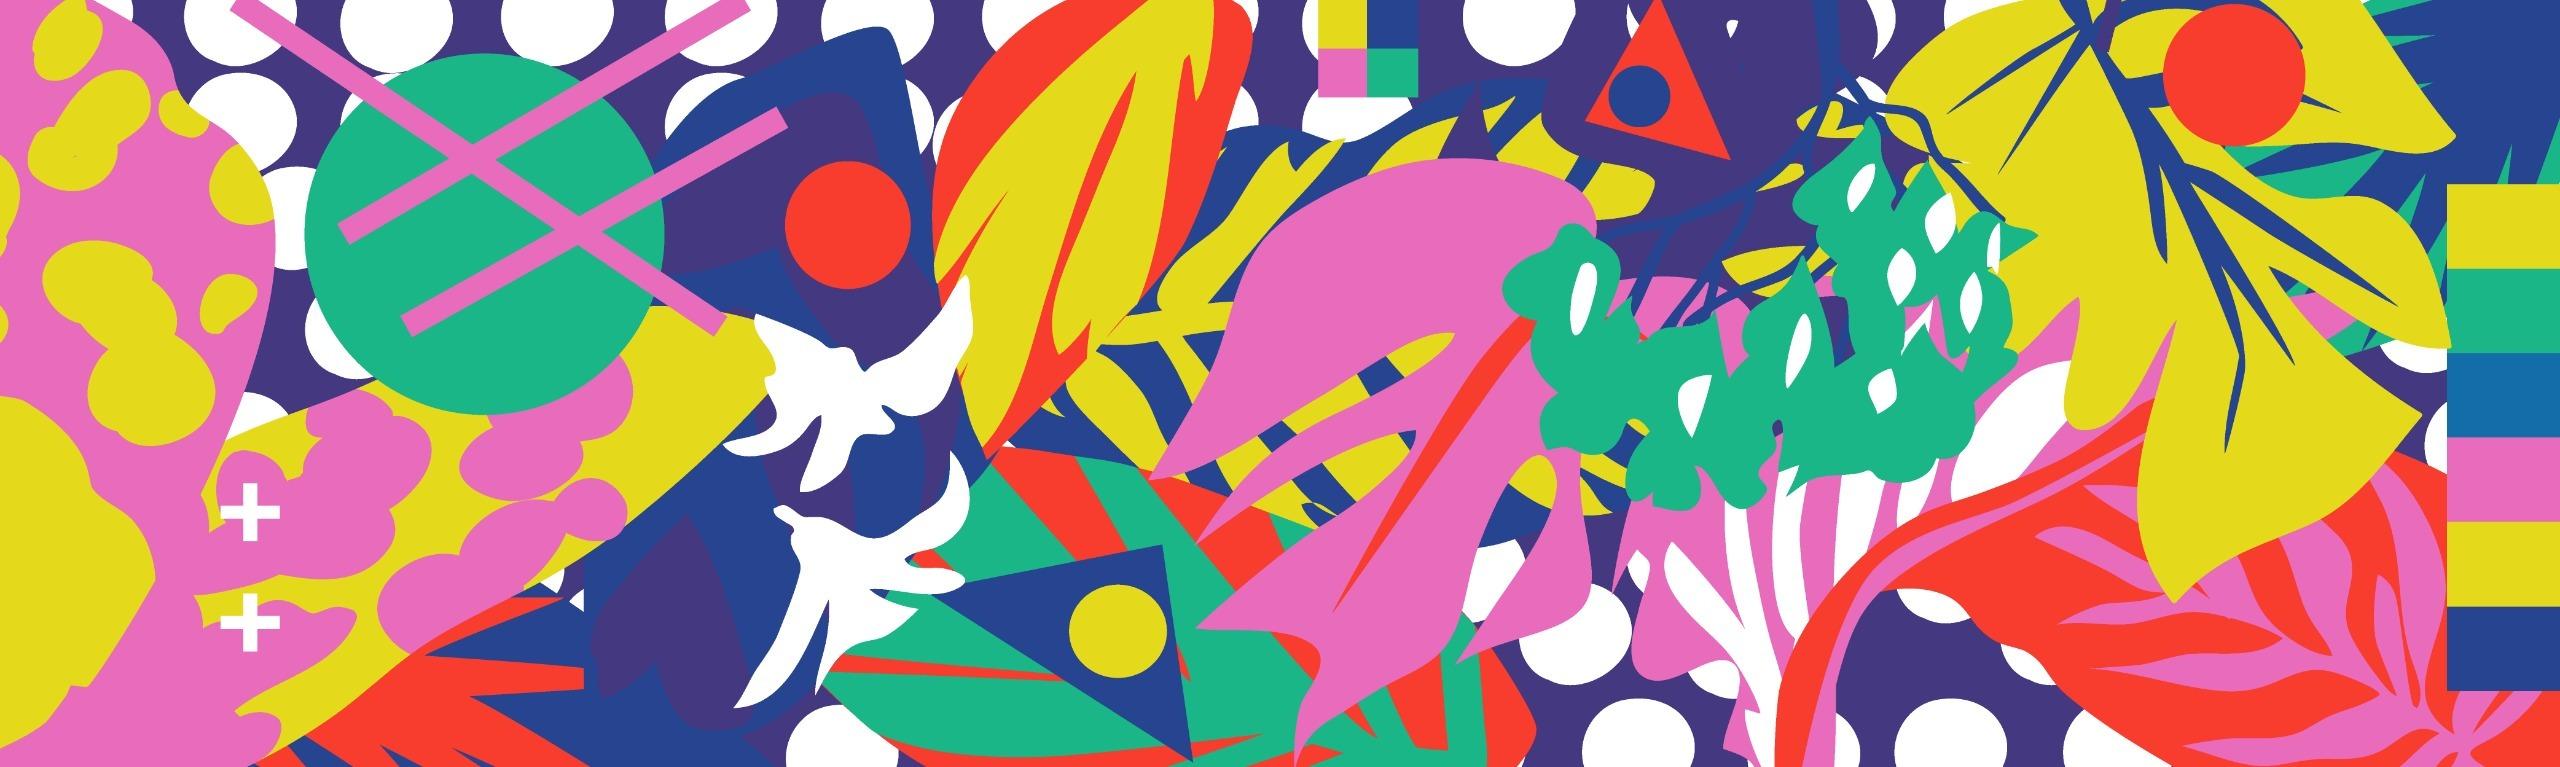 Mariery Young (@mezclaostudio) Cover Image